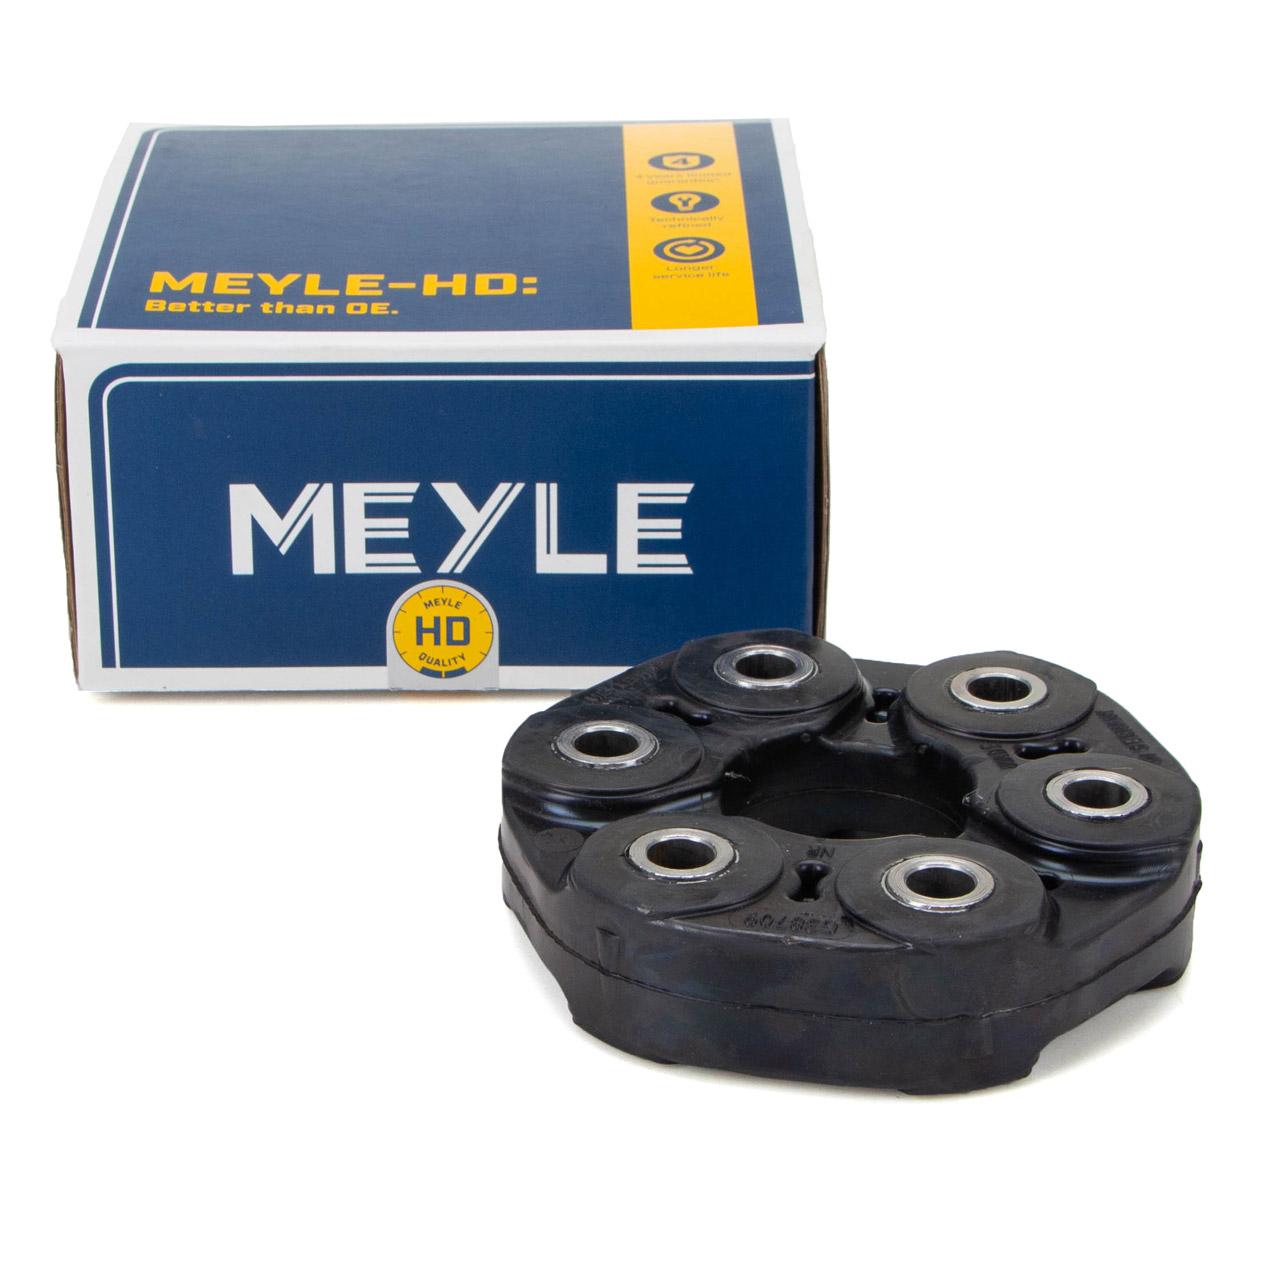 MEYLE 3141523103/HD Gelenkscheibe Hardyscheibe BMW E81 E88 E36 E46 E90-93 E60/61